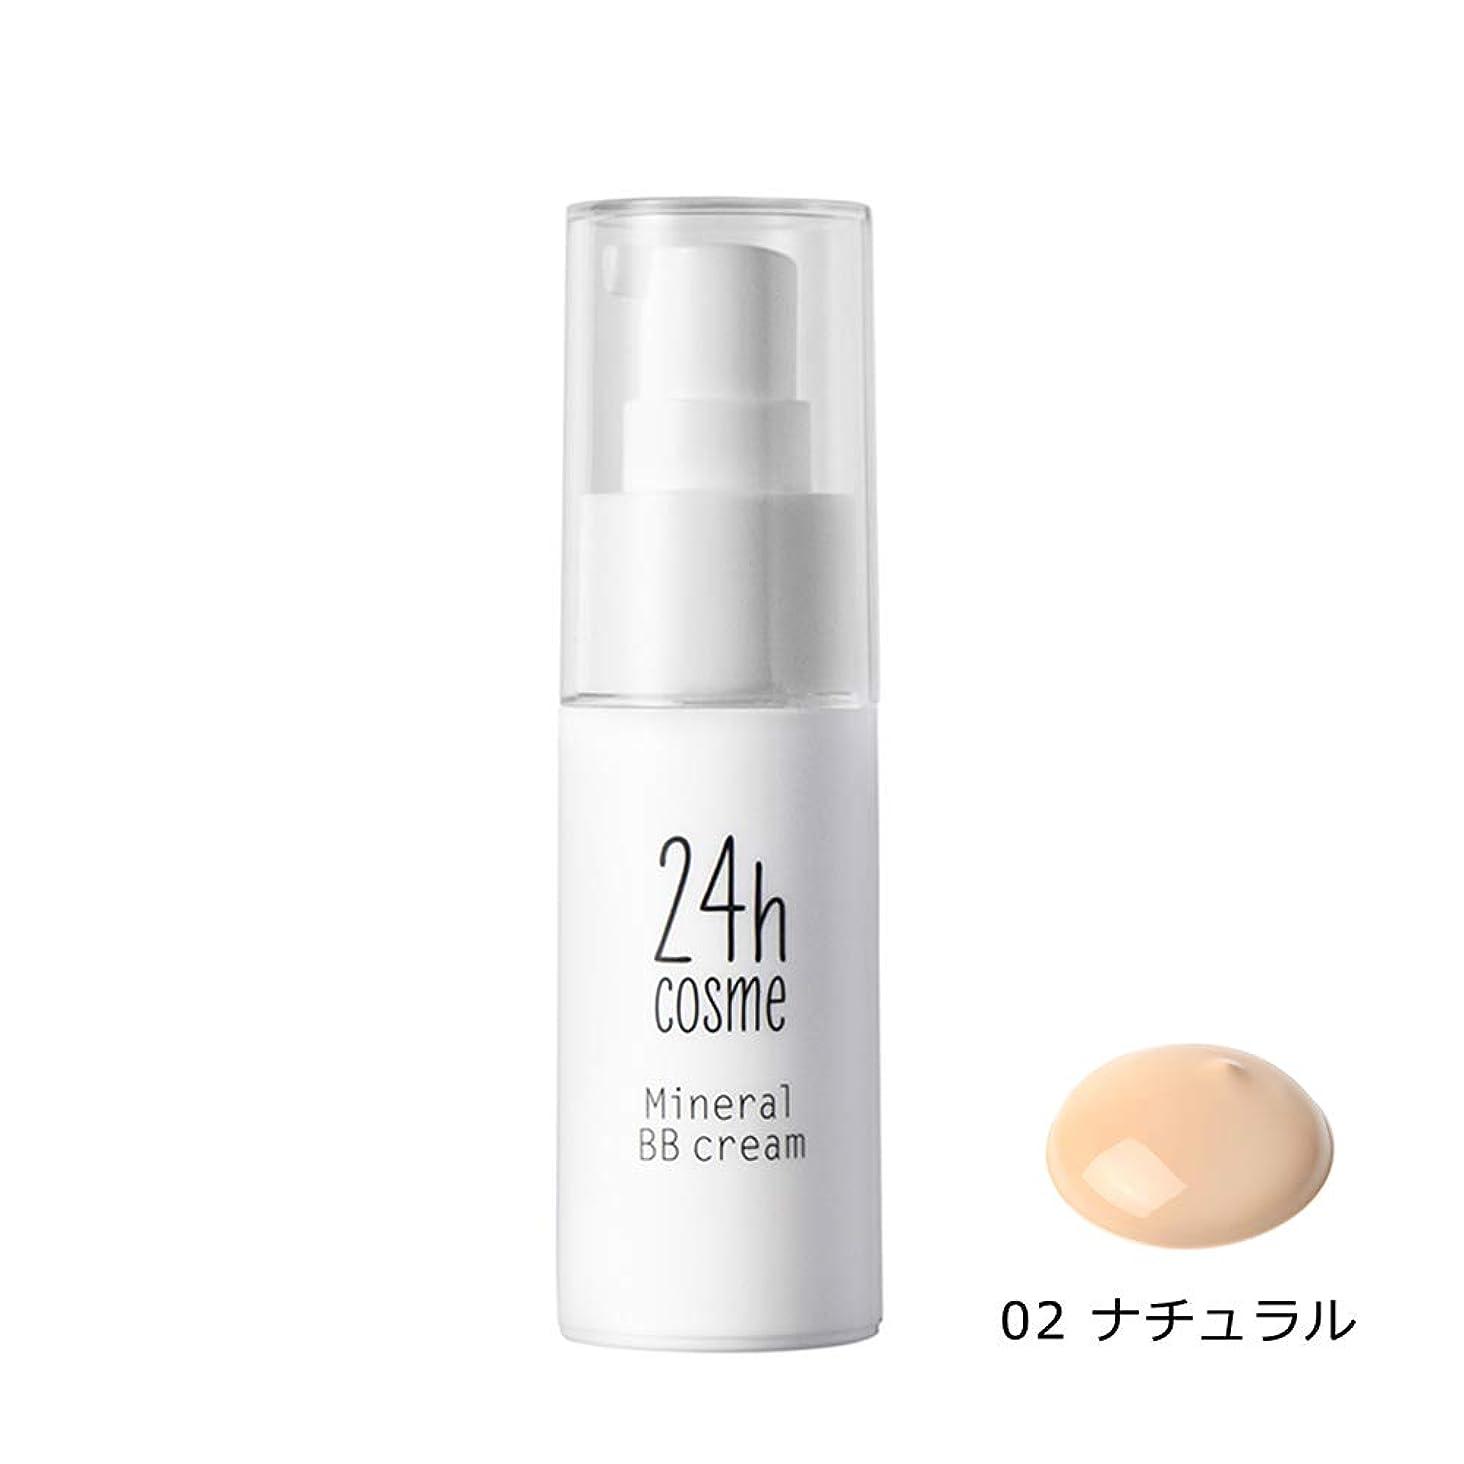 取り替えるファッションチューブ24h cosme 24 ミネラルBBクリーム 02 ナチュラル SPF30PA+++